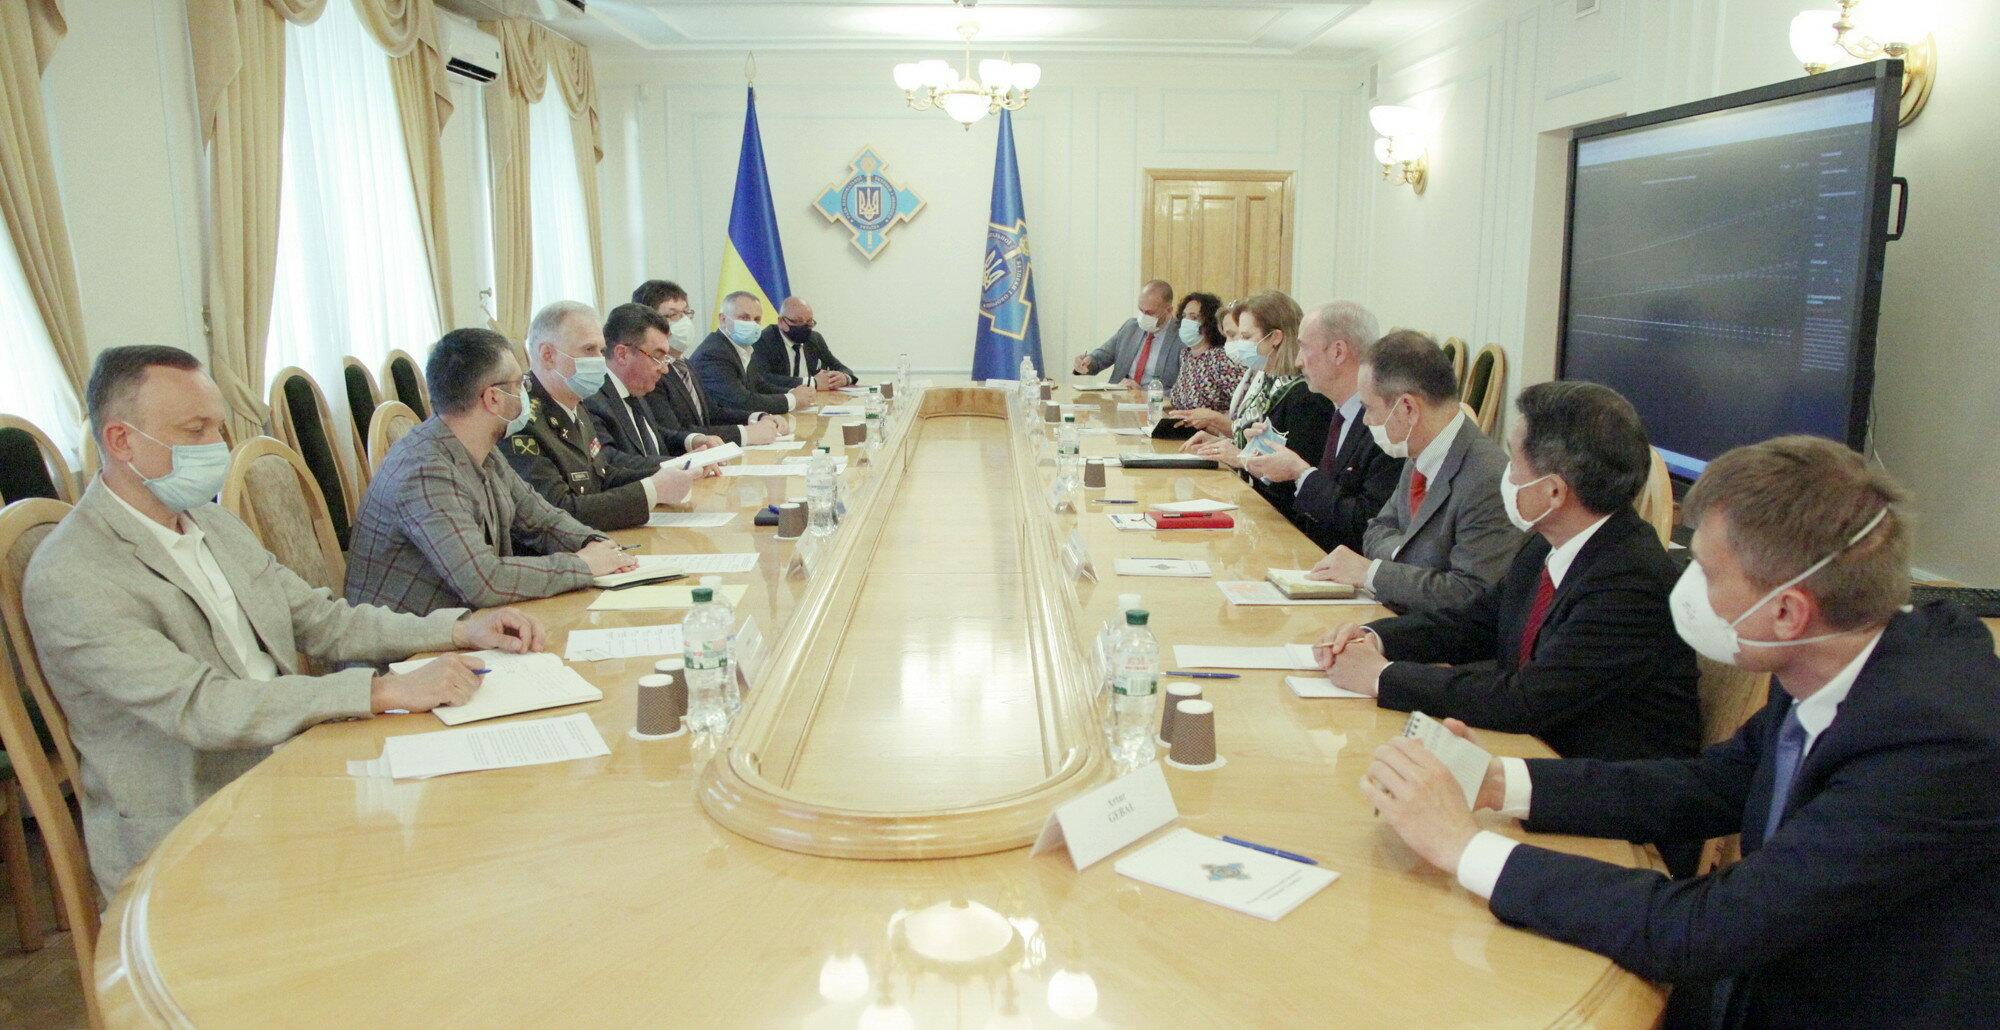 Заседание СНБО: подробности повестки дня на 9 апреля